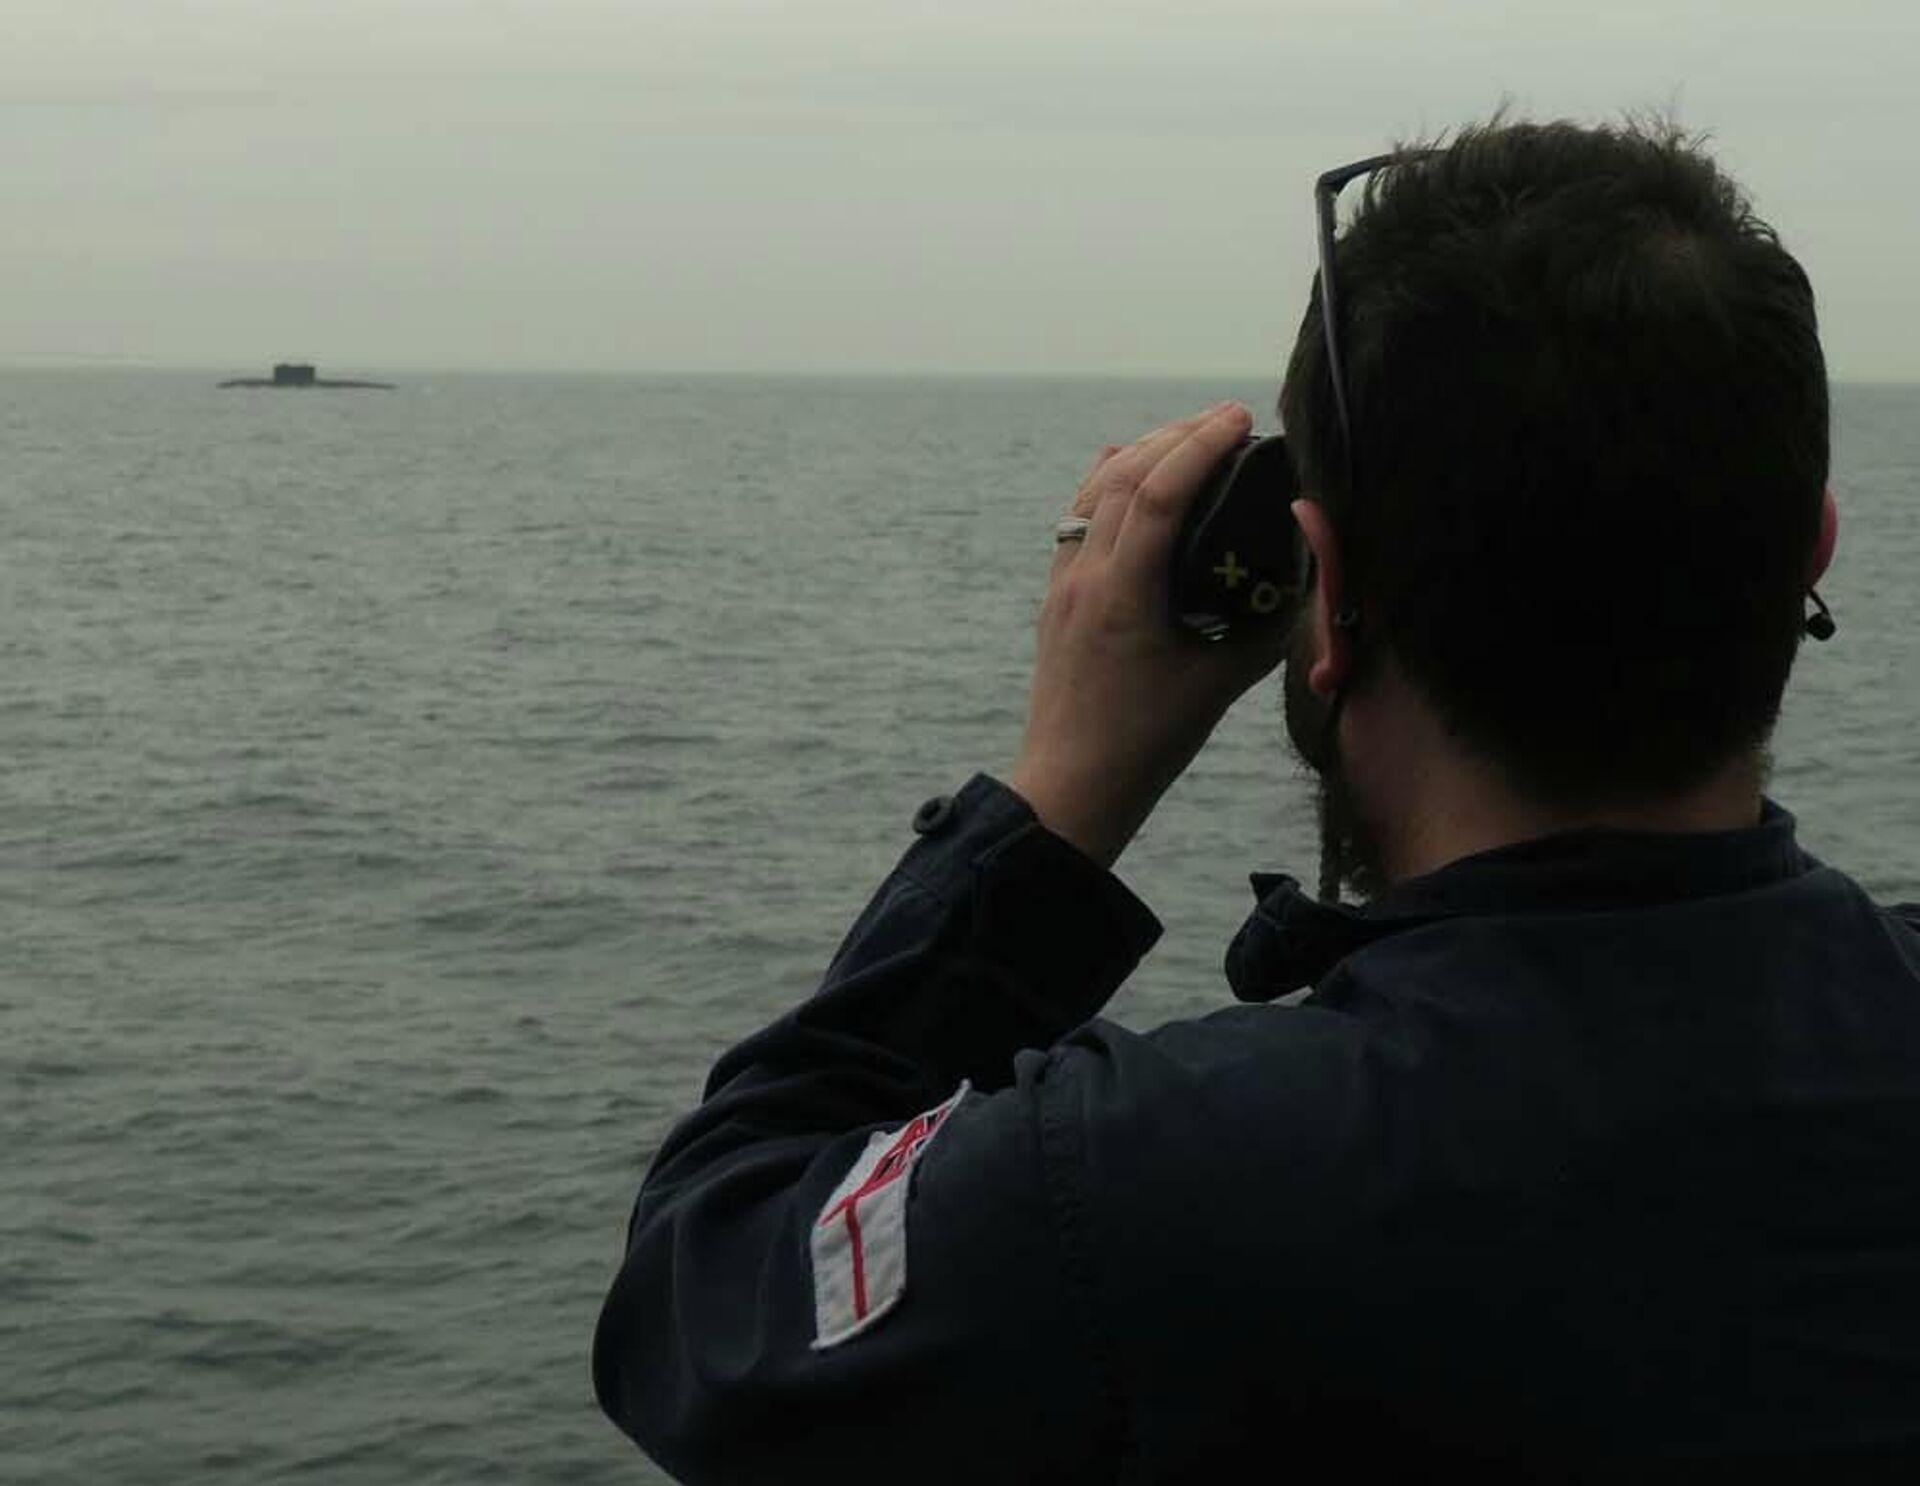 Патрульный корабль ВМС Великобритании HMS Mersey отслеживает российскую подводную лодку в Ла-Манше - РИА Новости, 1920, 23.06.2021